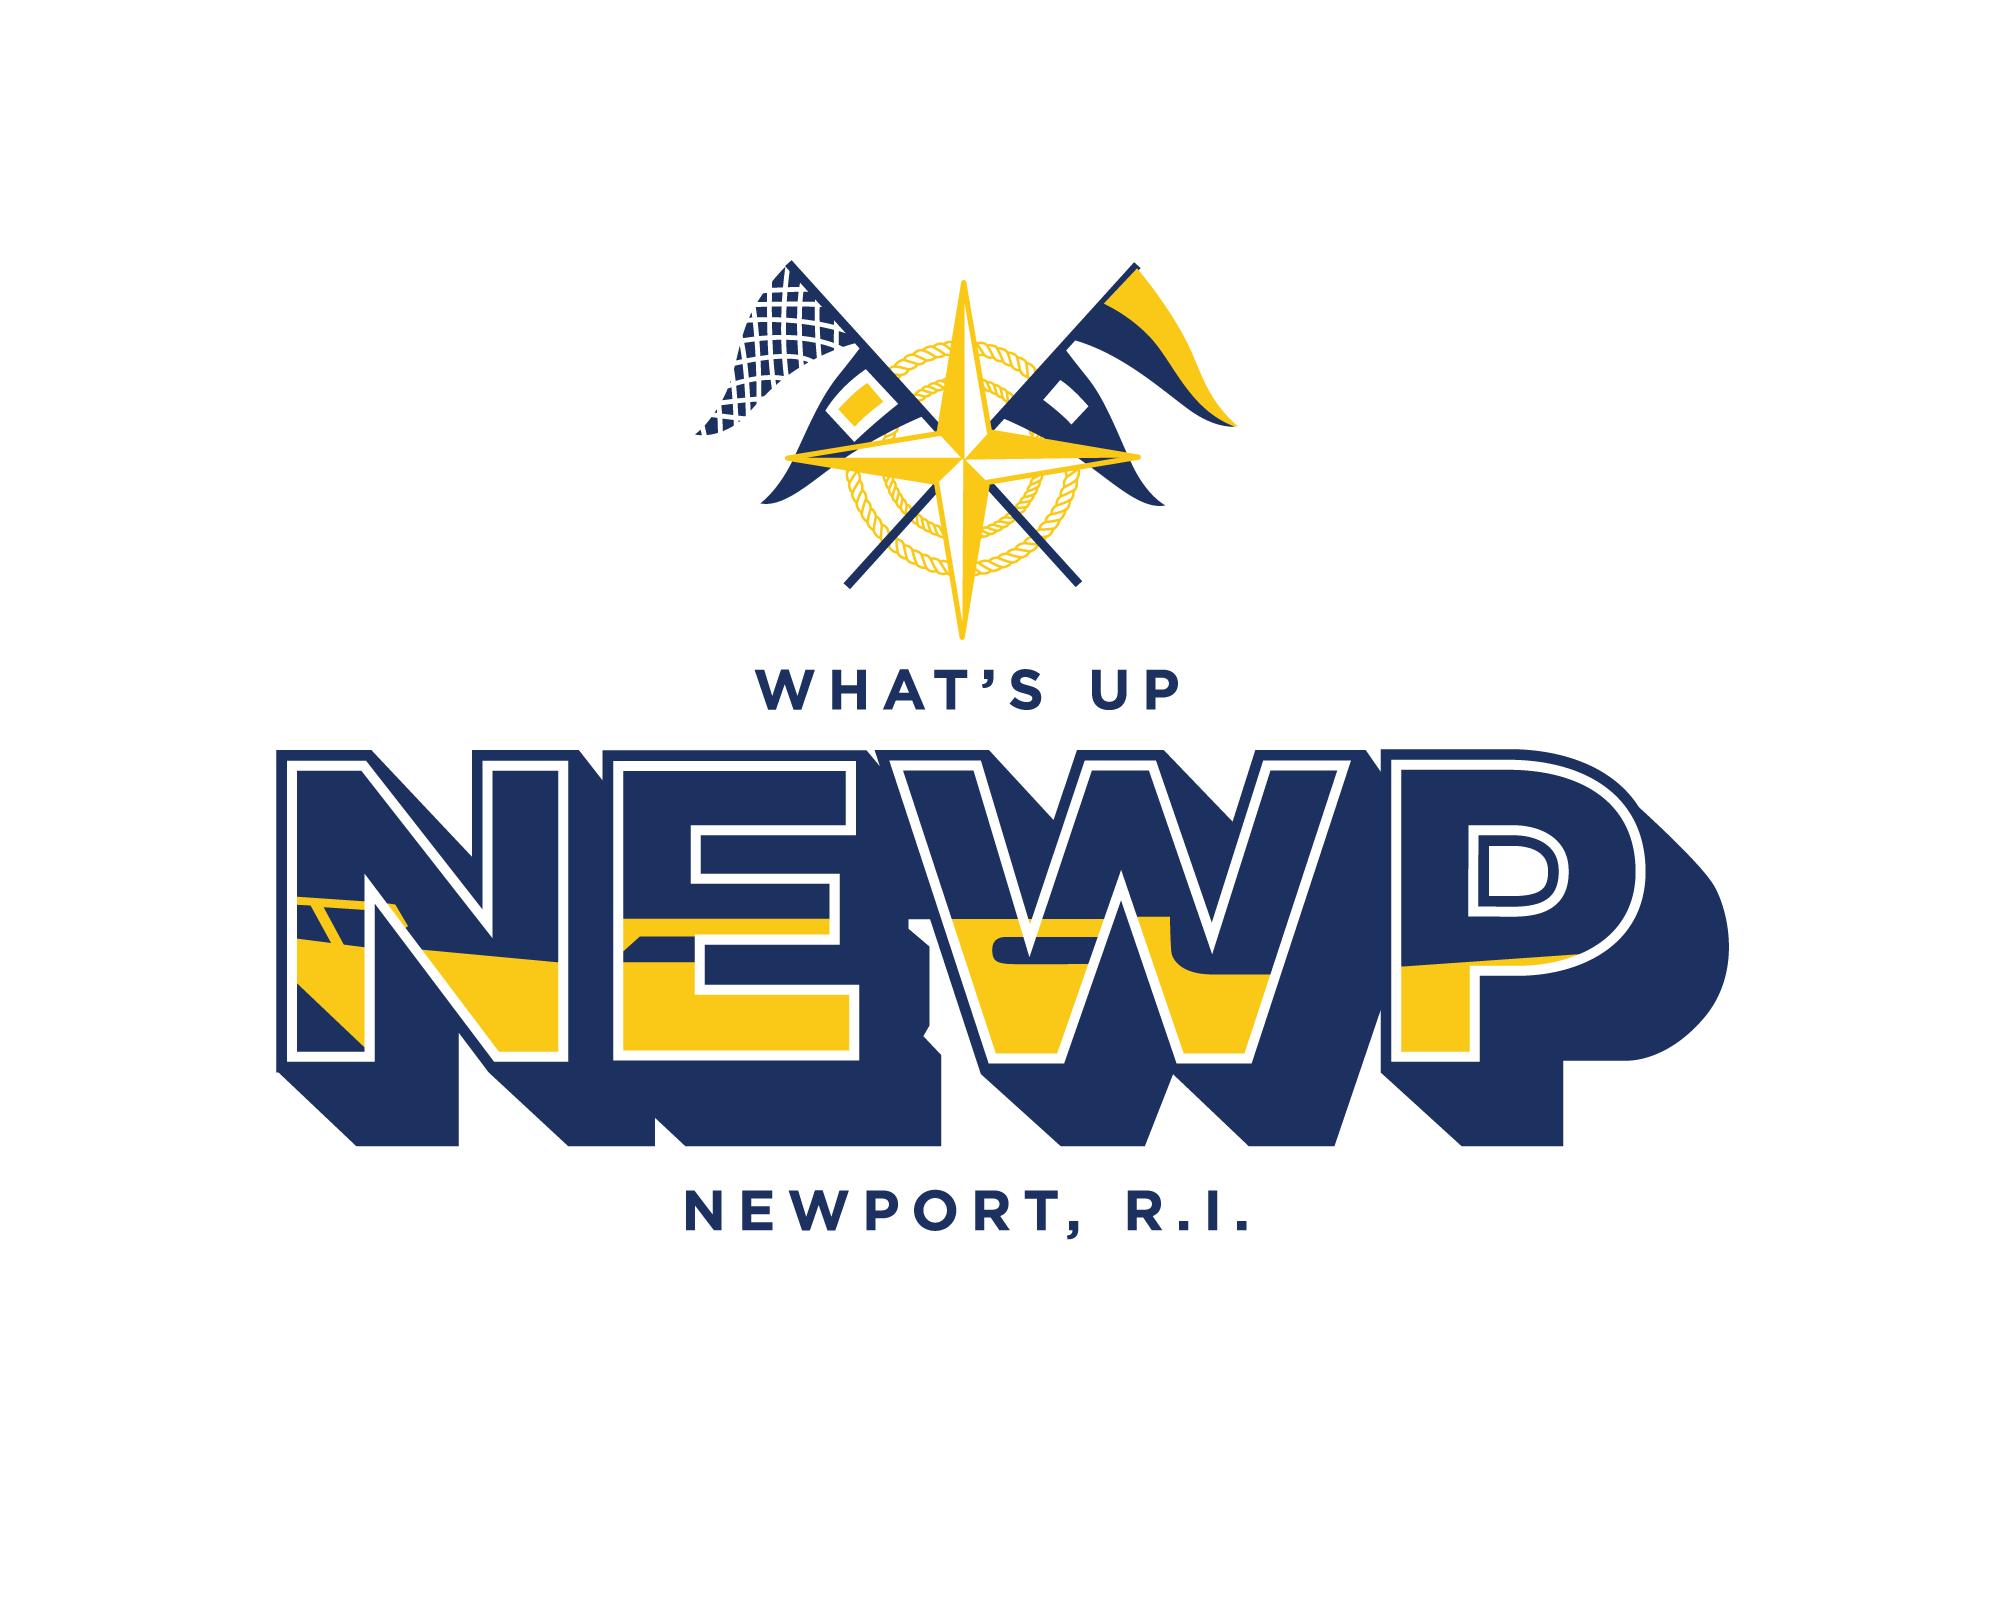 Whatsup newport